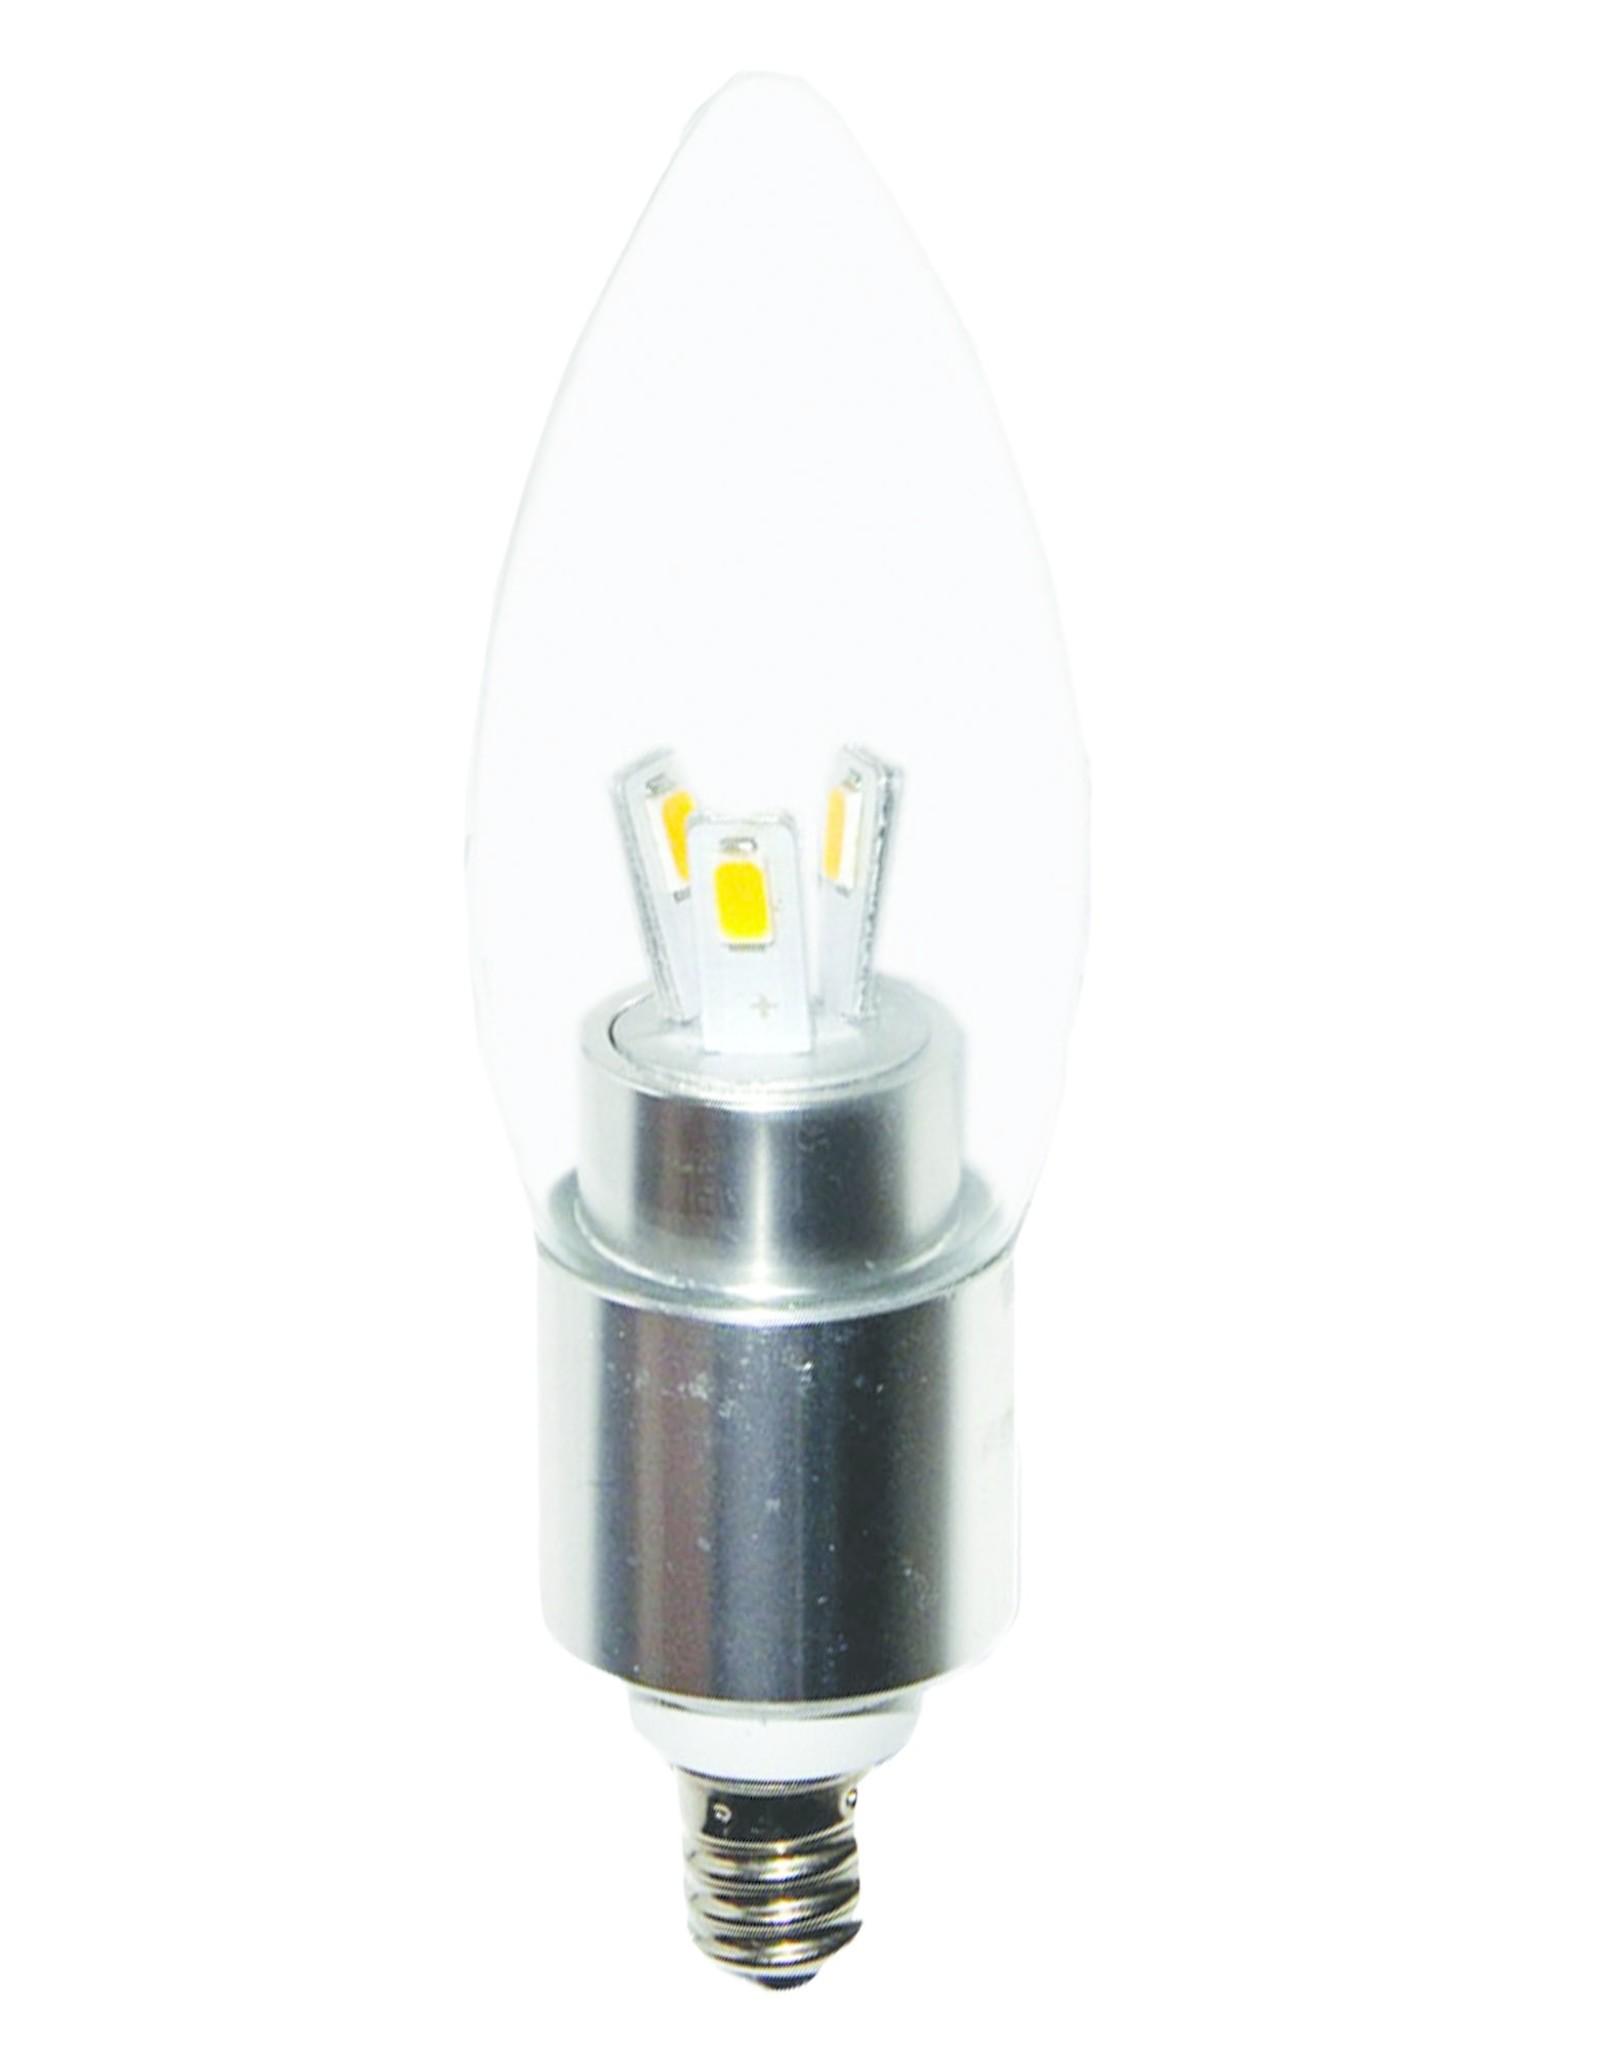 Eangee Candelabra Base LED Bulb (280 Lumen)